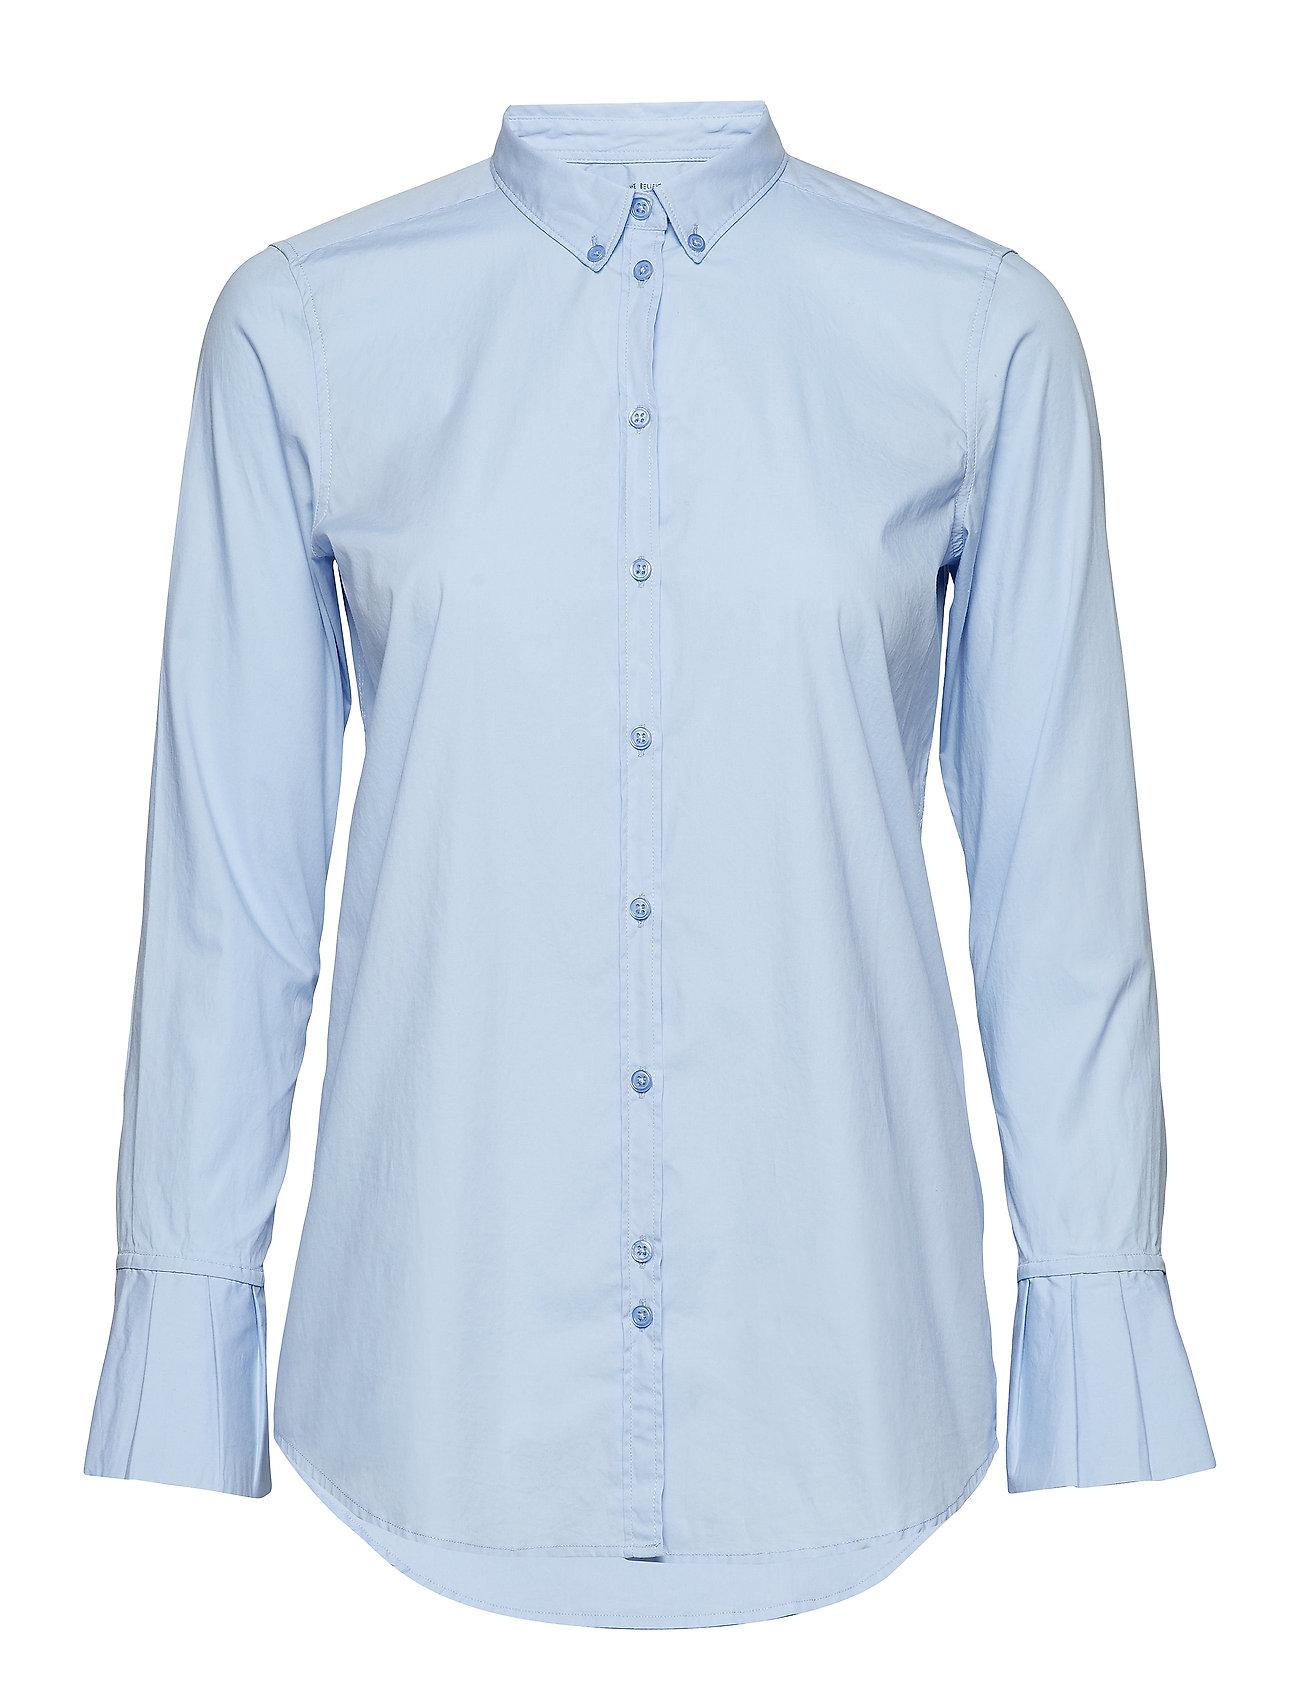 MOS MOSH Nela Shirt - LIGHT BLUE